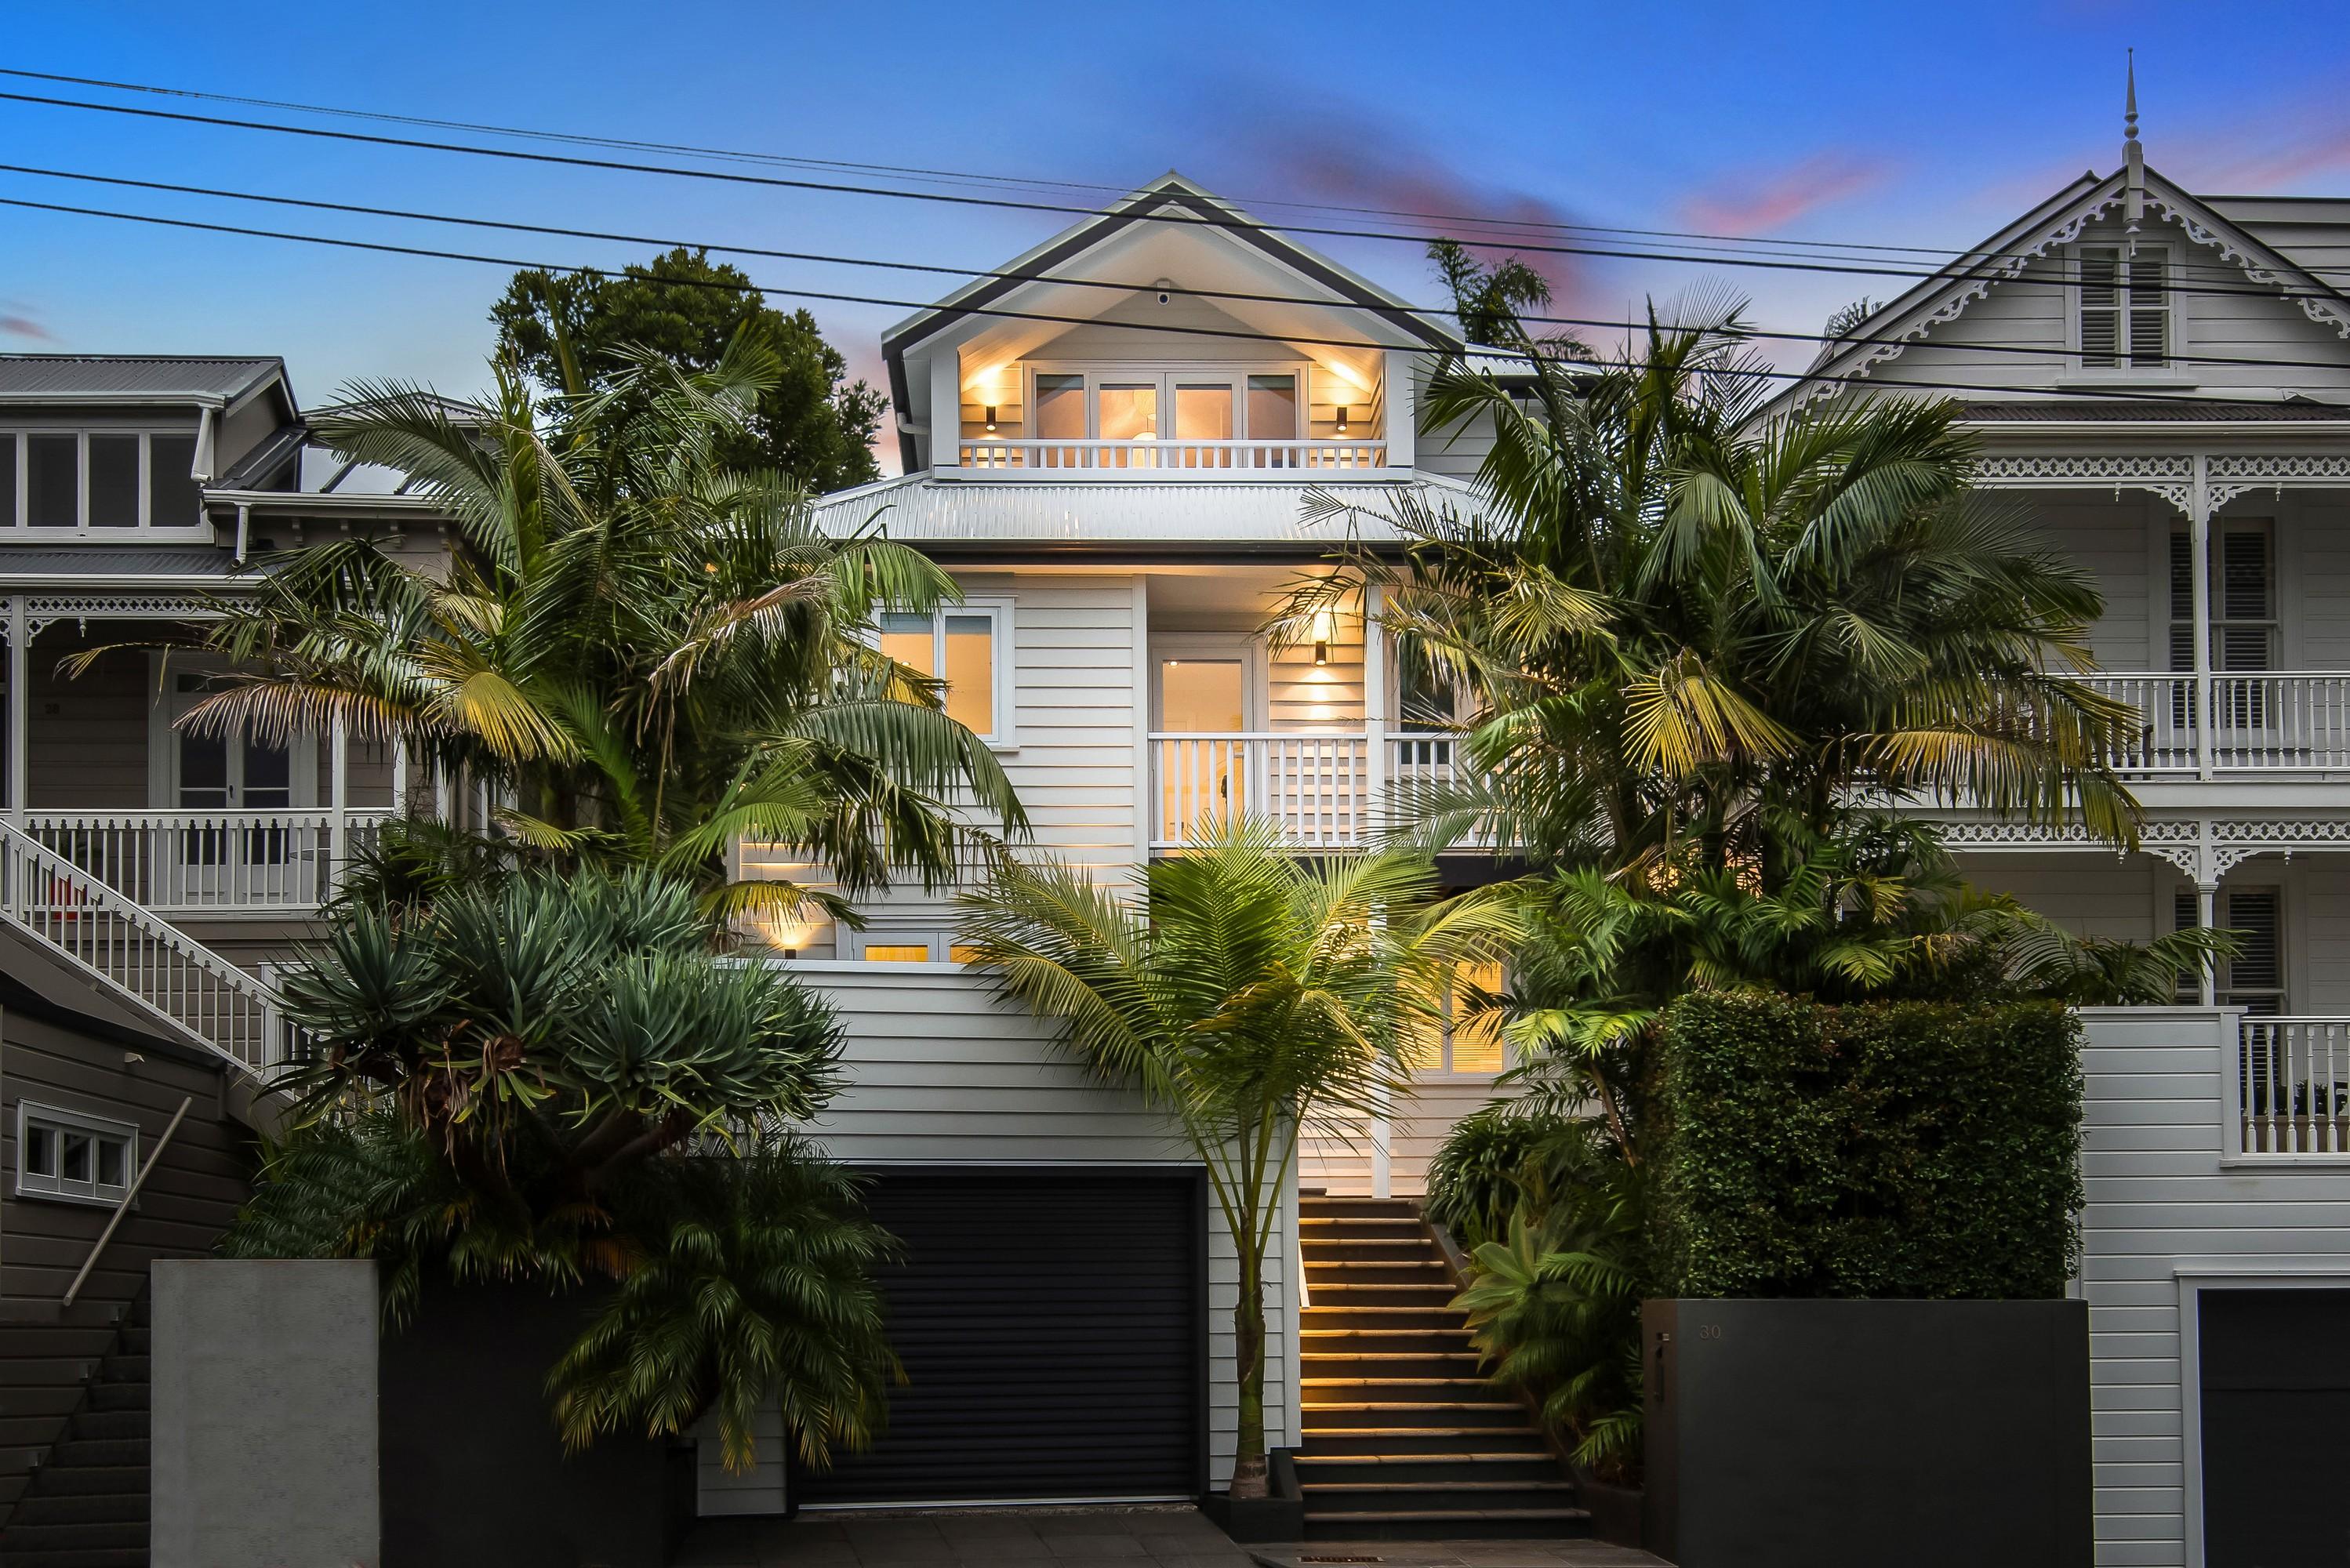 Einfamilienhaus für Verkauf beim 30 Collingwood Street 30 Collingwood Street Freemans Bay Auckland, Auckland, 1011 Neuseeland